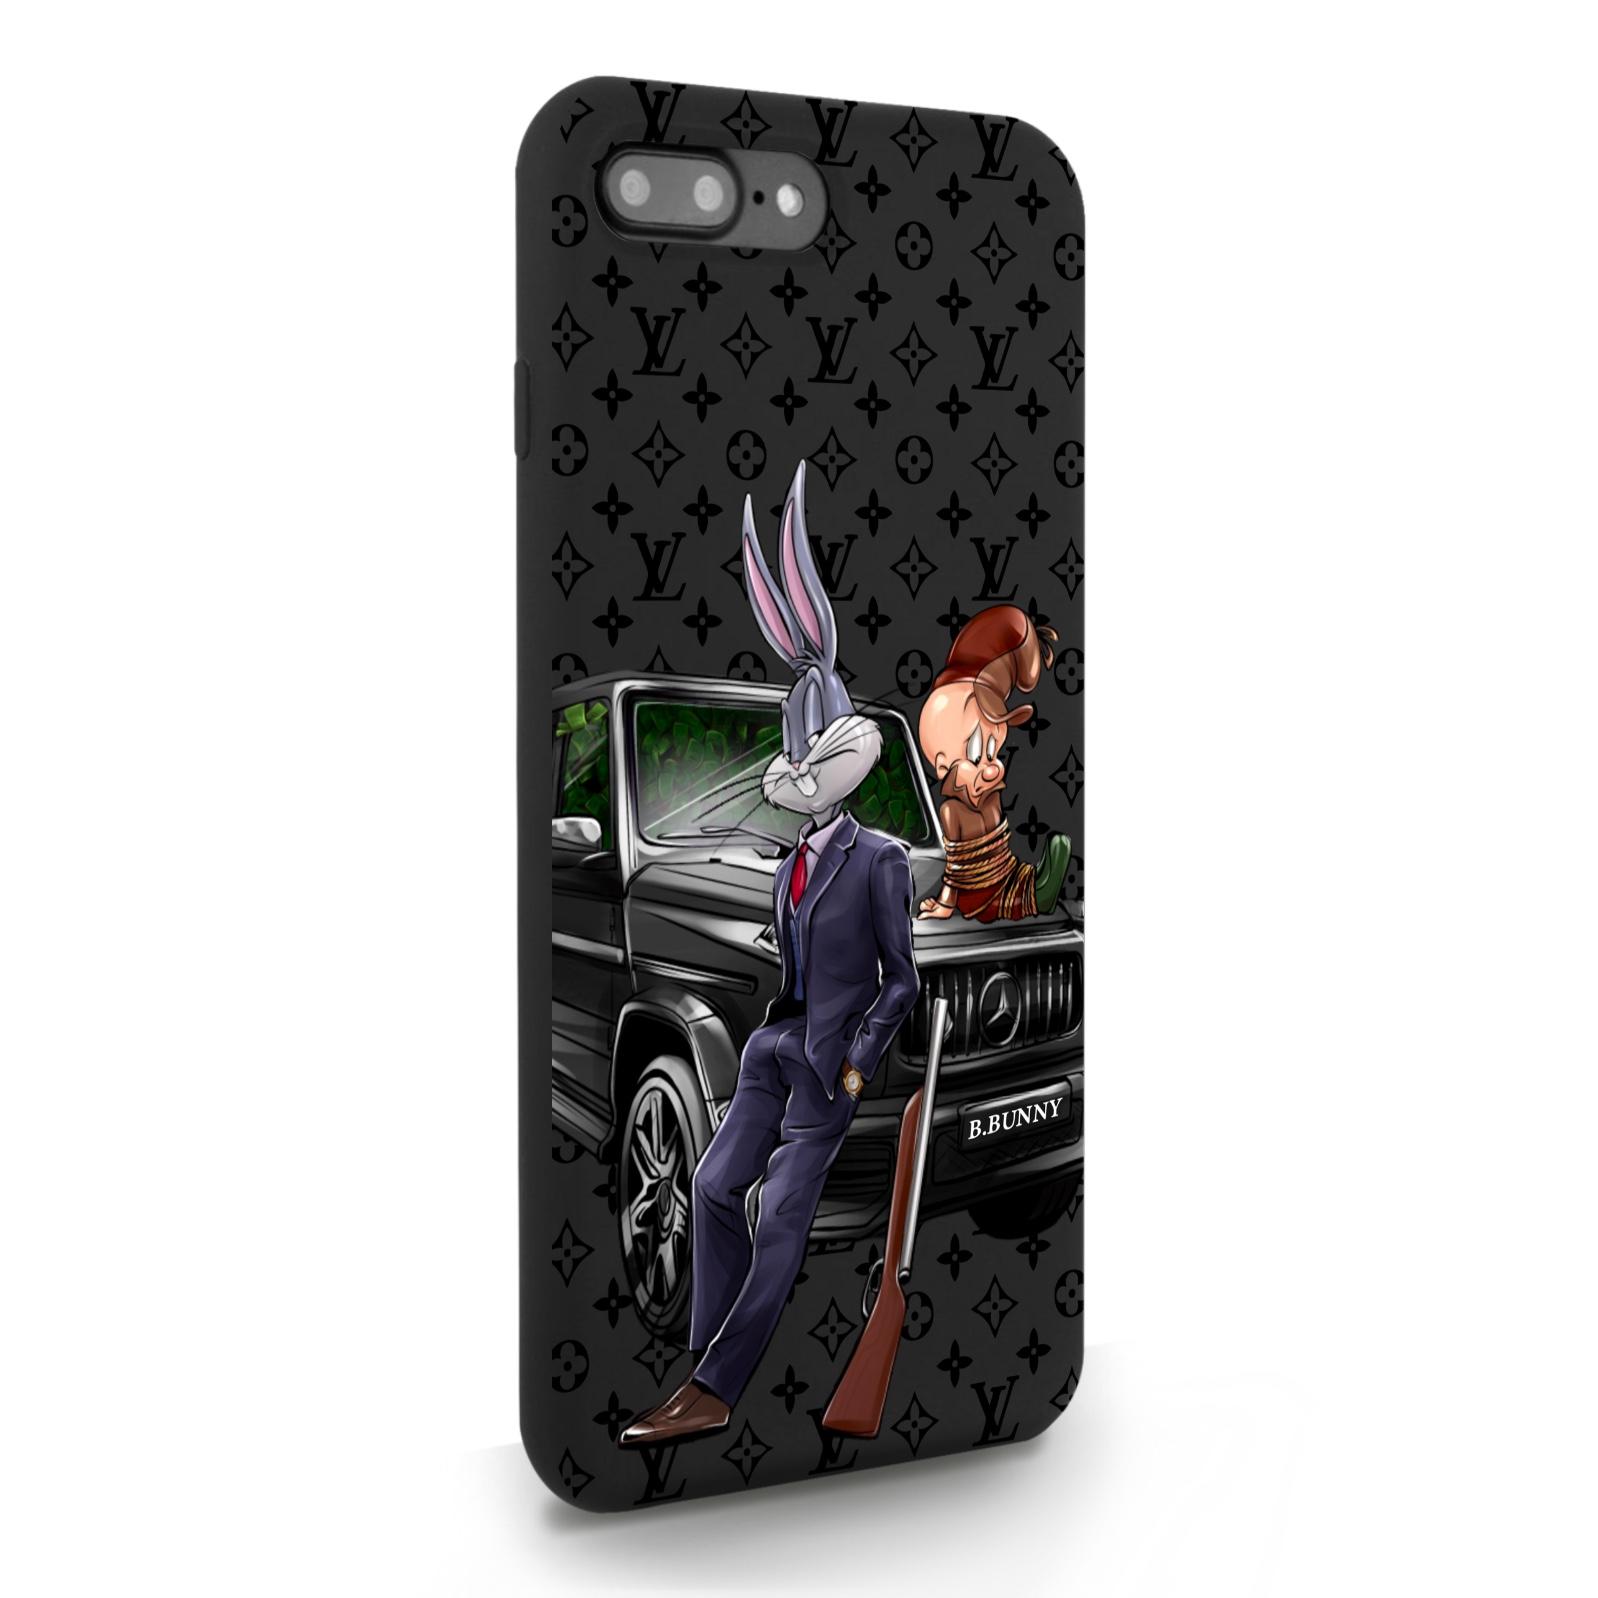 Черный силиконовый чехол для iPhone 7/8 Plus Мистер Богатый Заяц Бизнес/ Mr. Rich Bunny Business для Айфон 7/8 Плюс